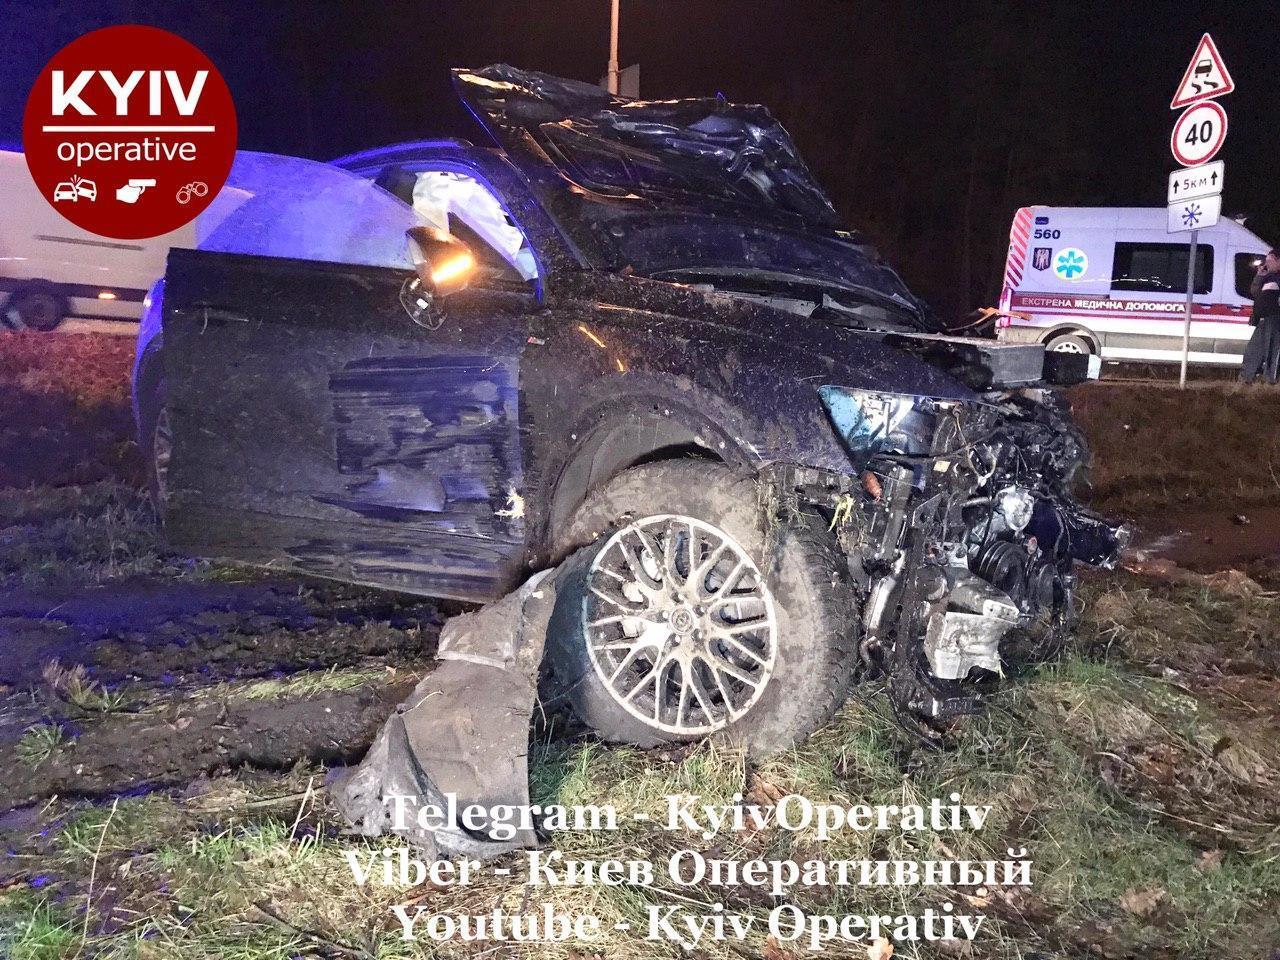 Выбросило на 100 метров: в Киеве два авто на огромной скорости не поделили дорогу